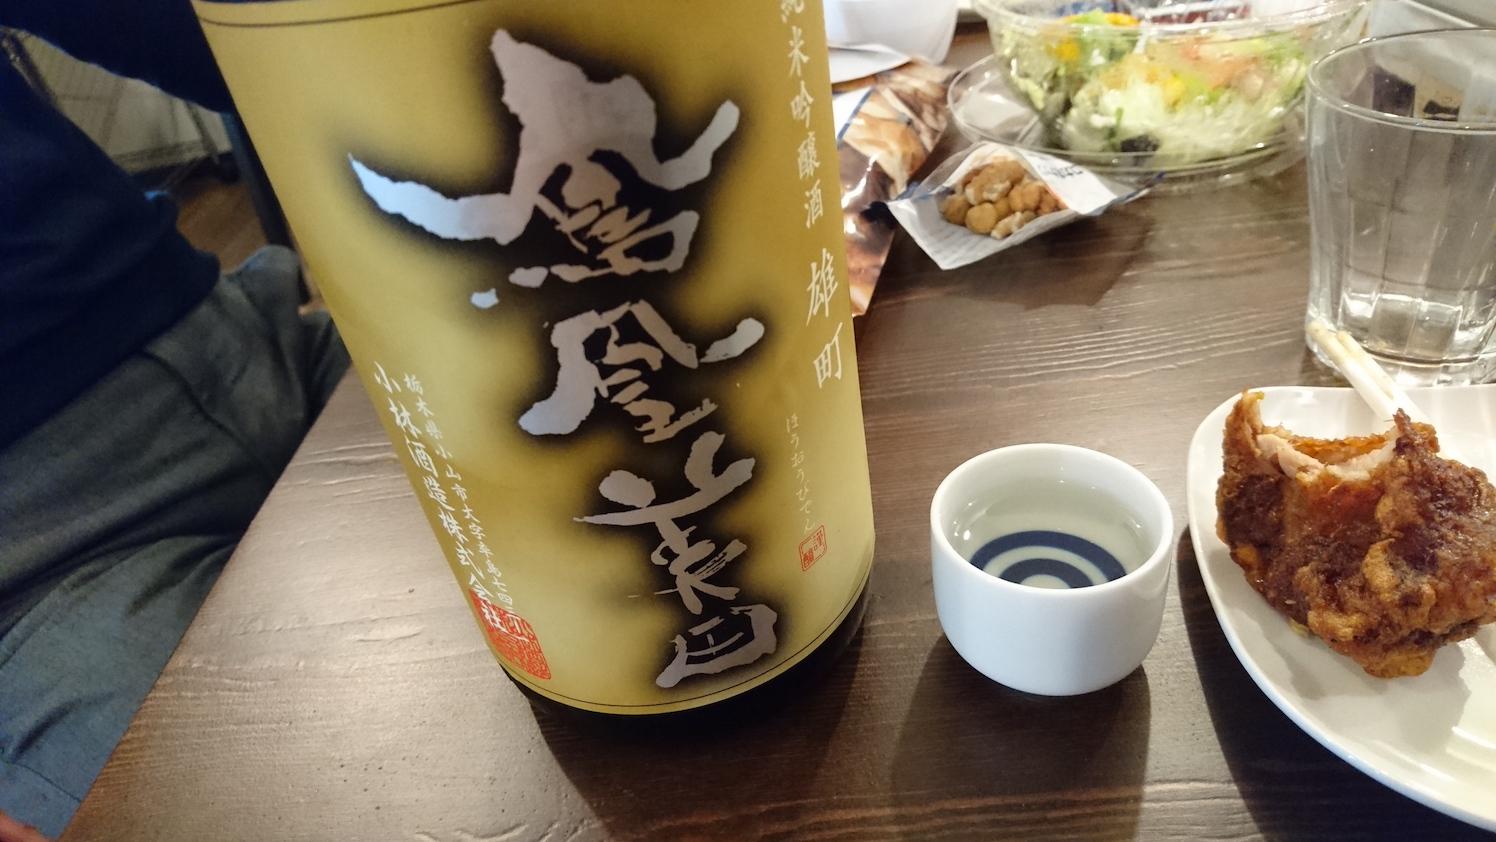 mewtone忘年会2017 - 鳳凰美田